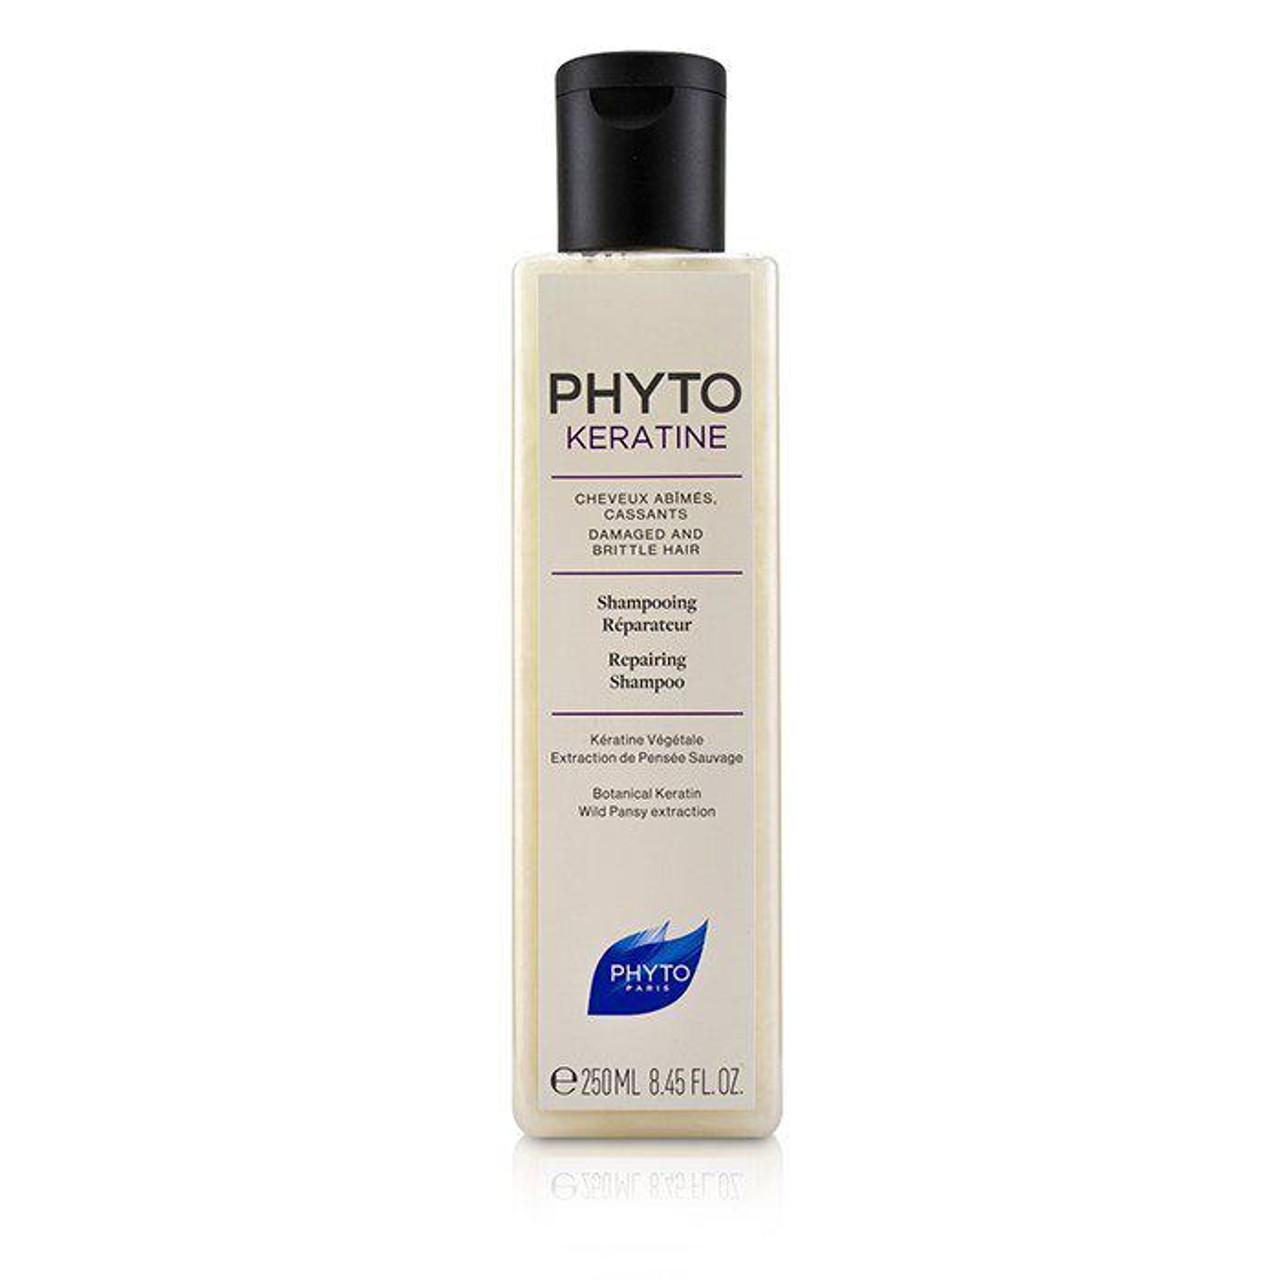 Phyto Keratine Shampoo 8.5 oz